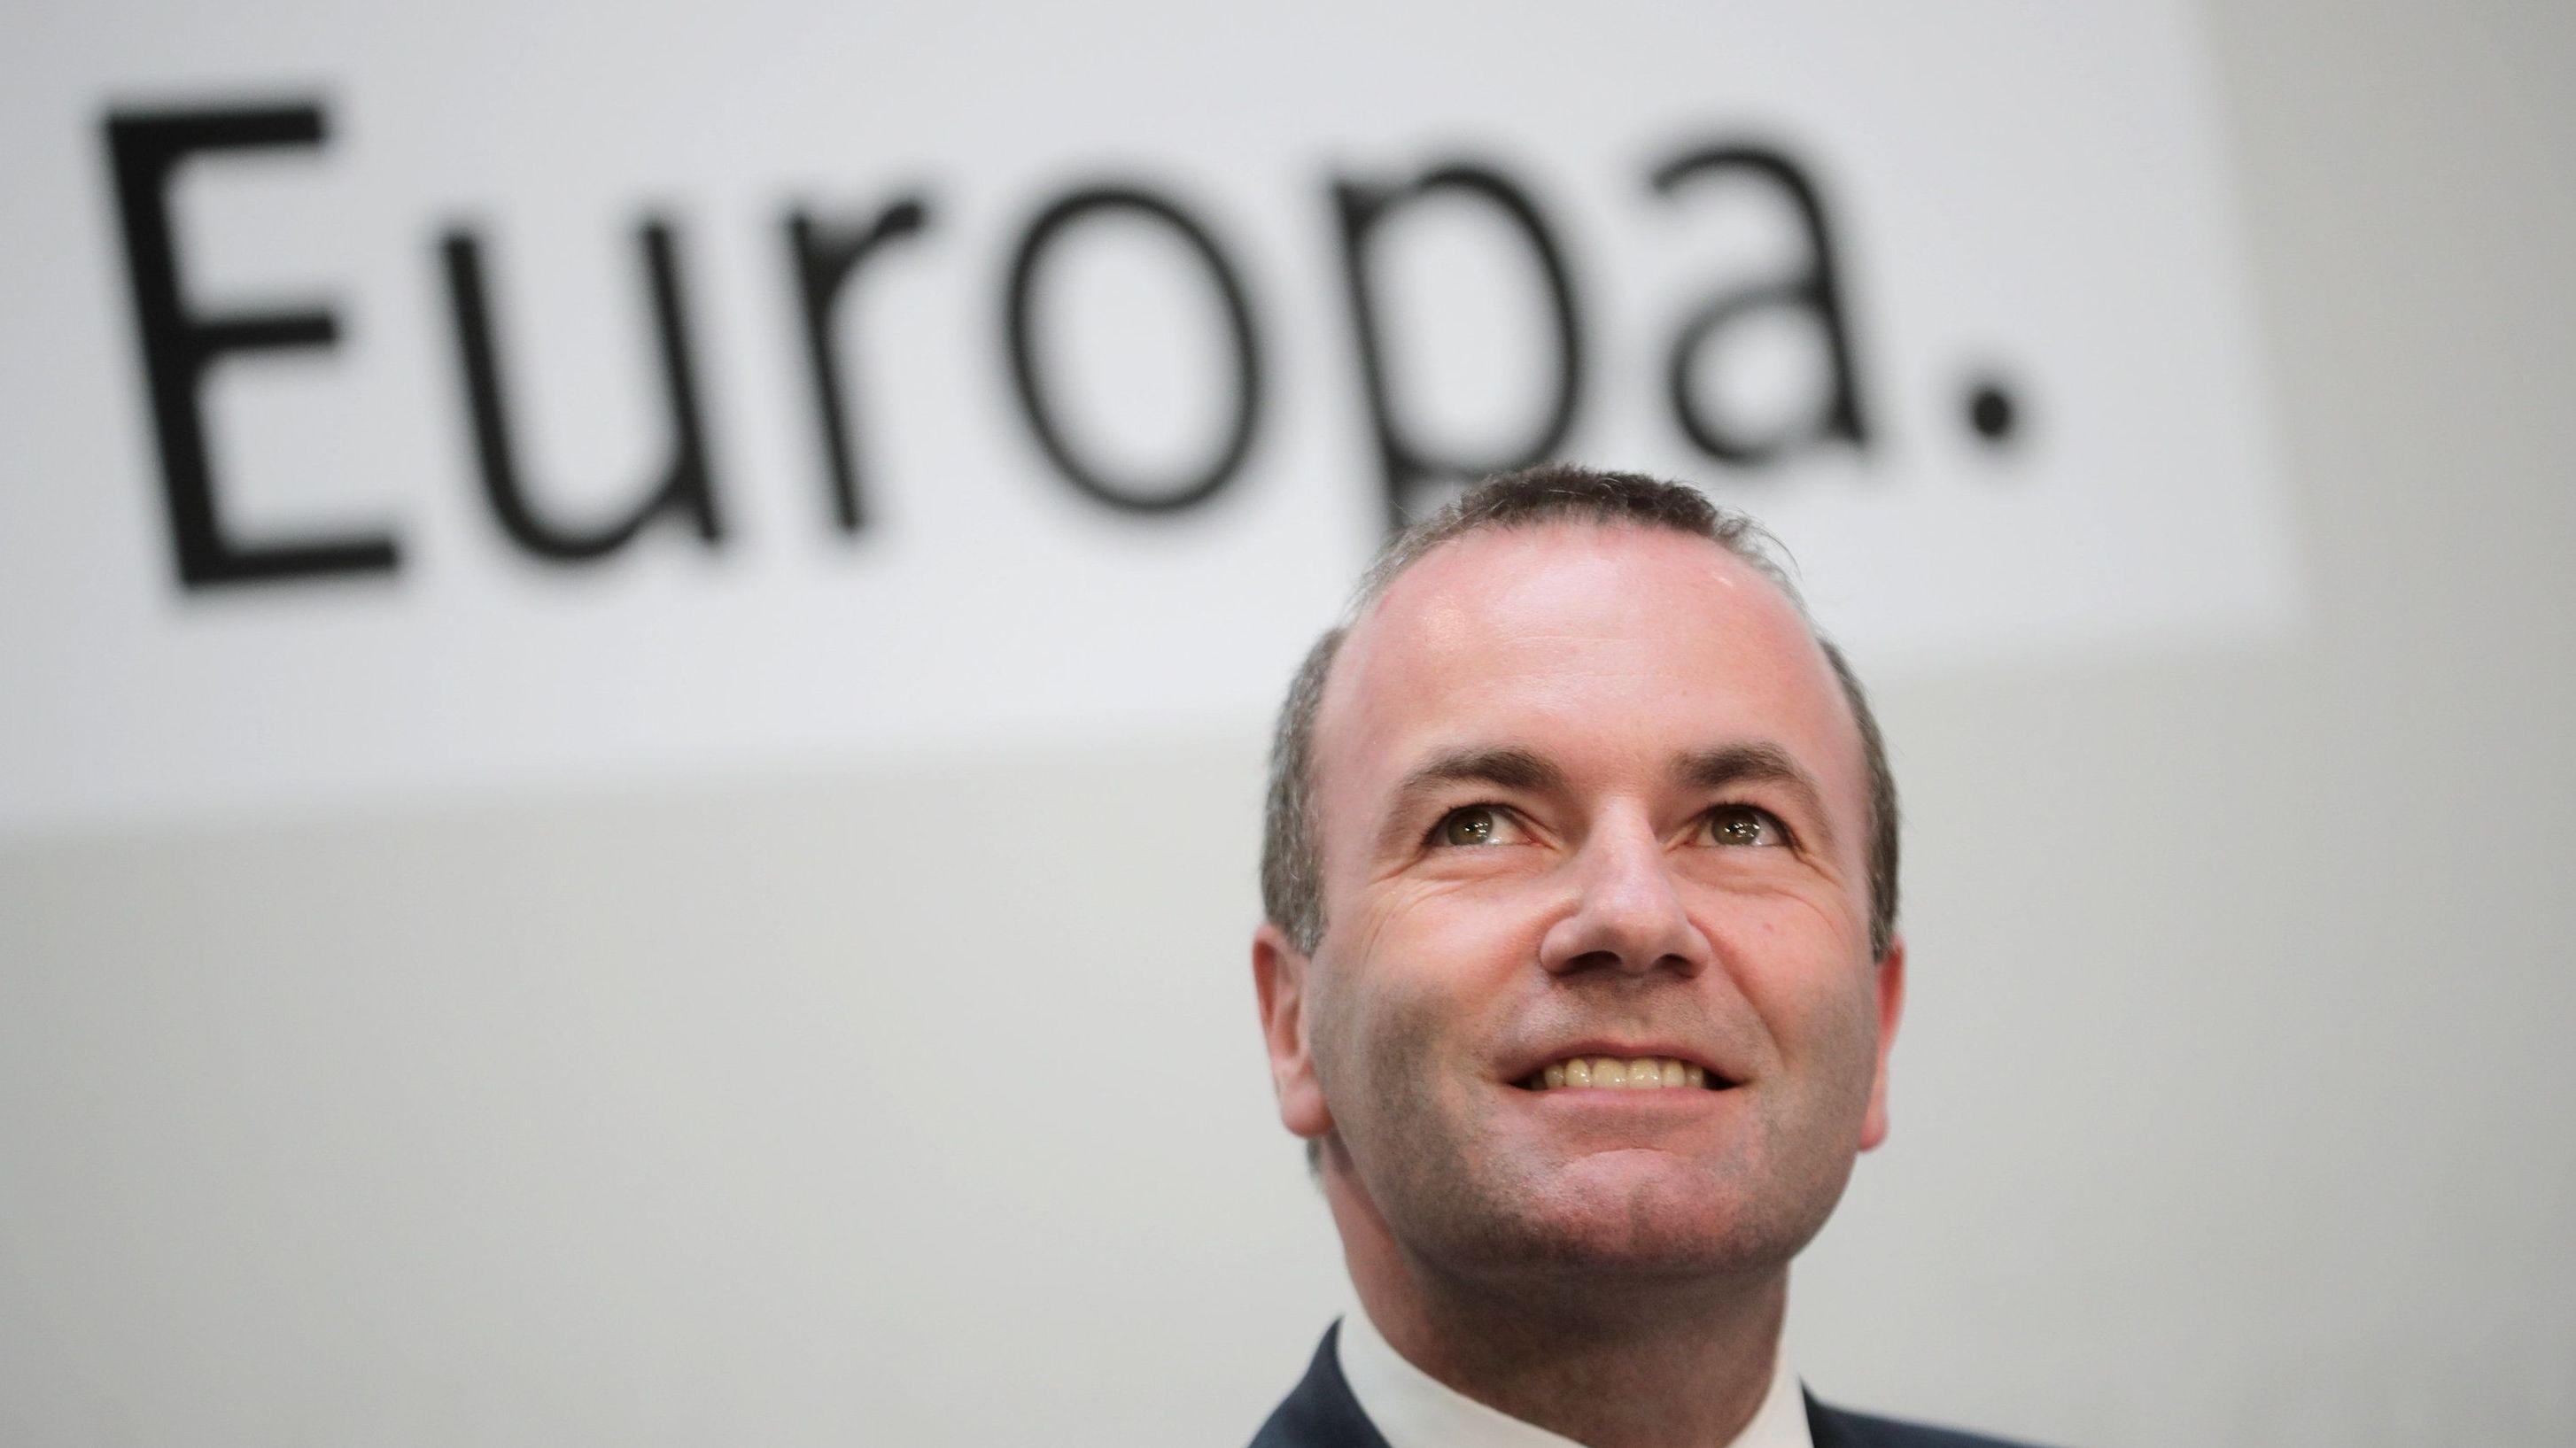 CSU-Politiker und EVP-Spitzenkandidat Manfred Weber am Wahltag vor dem Schriftzug 'Europa'